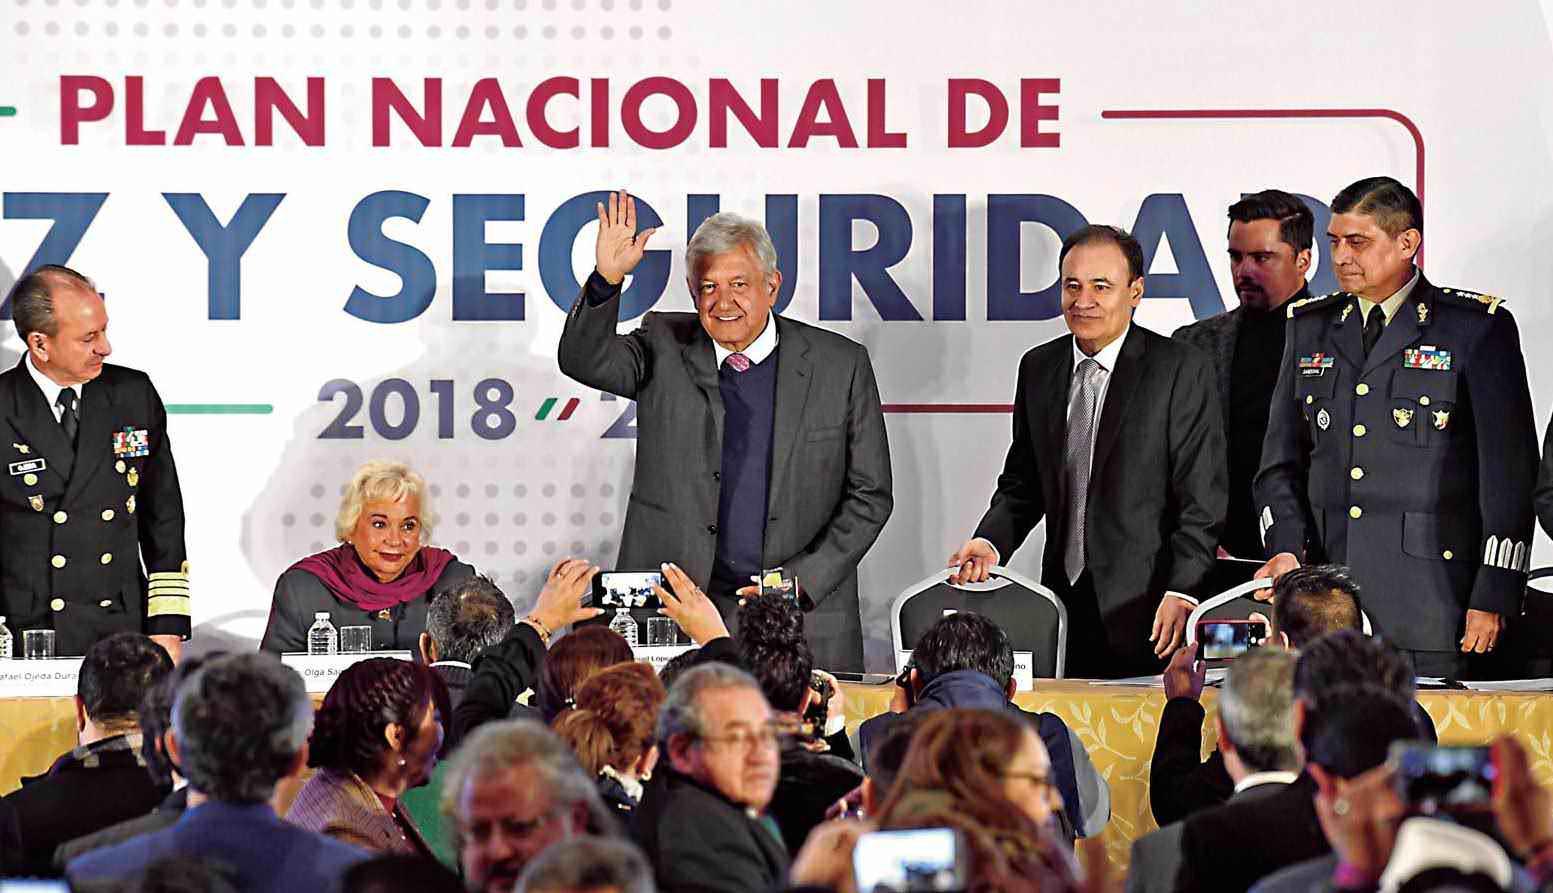 Los civiles, al margen de la seguridad pública